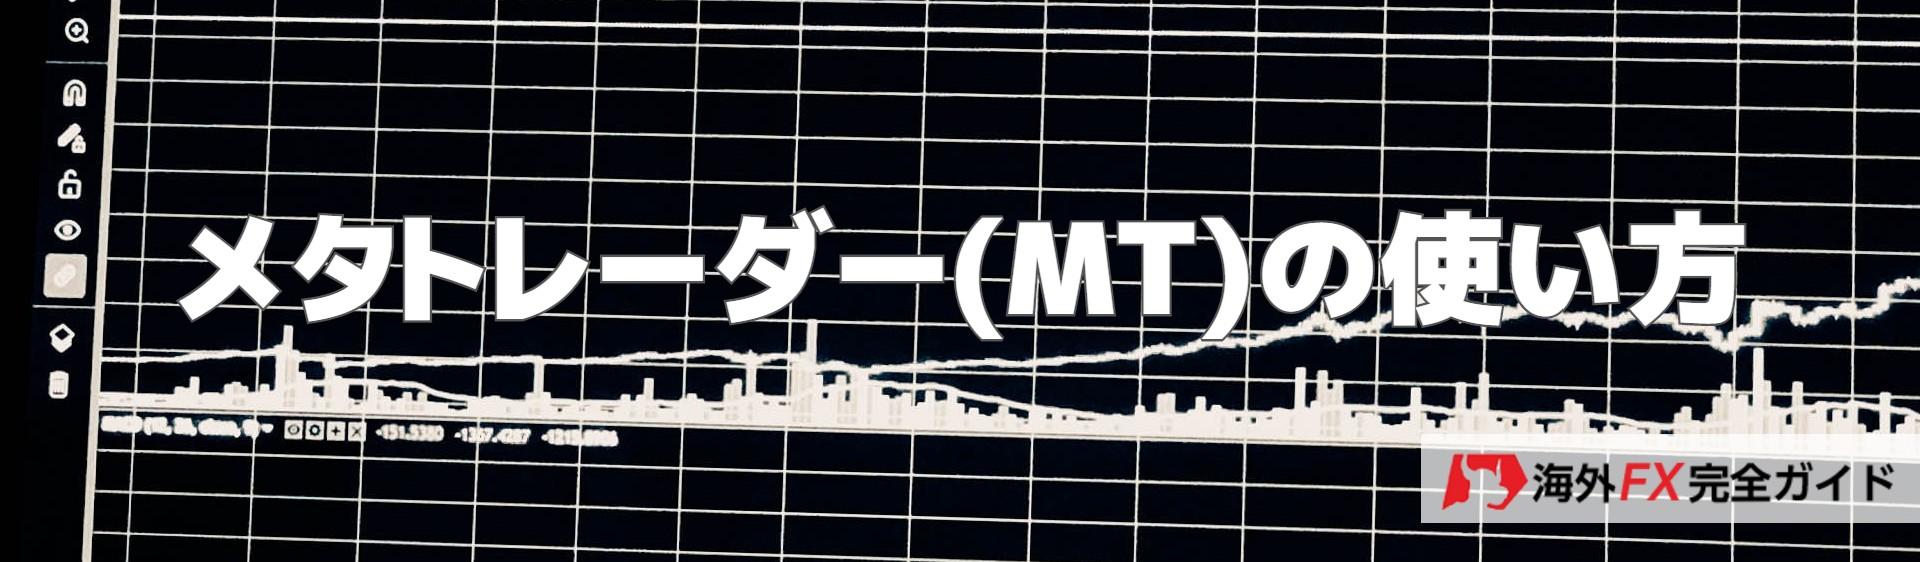 海外FX業者のメタトレーダーの使い方